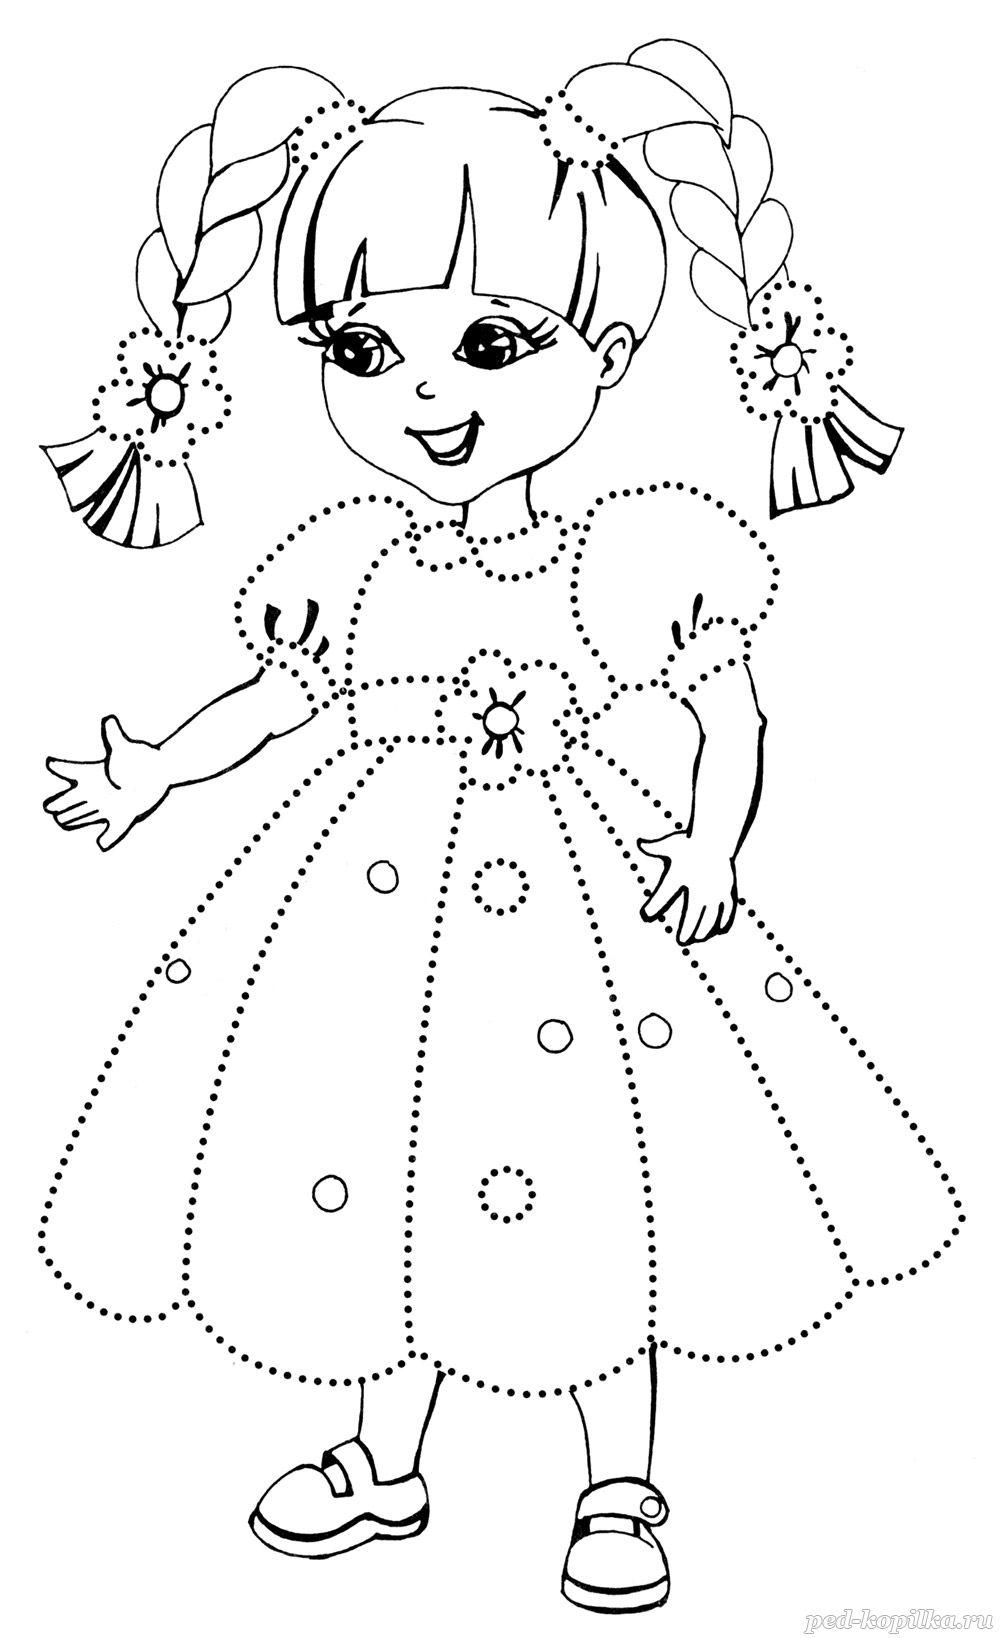 раскраски для детей игрушки распечатать бесплатно